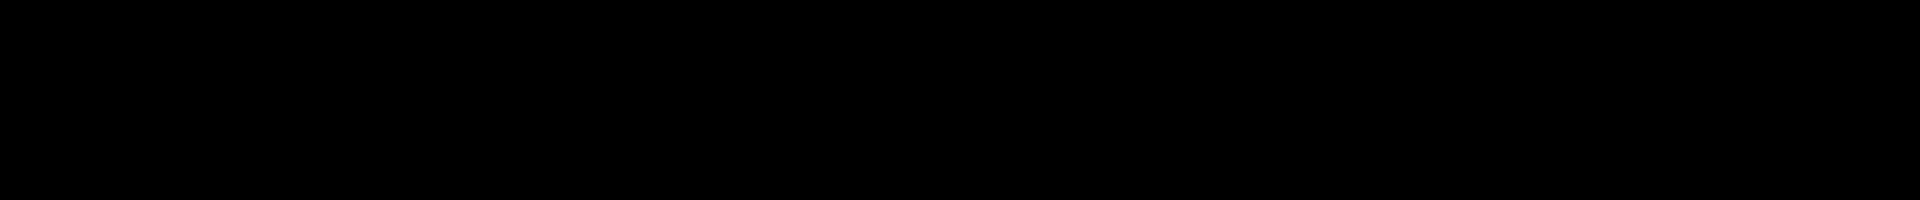 zwart-vlak